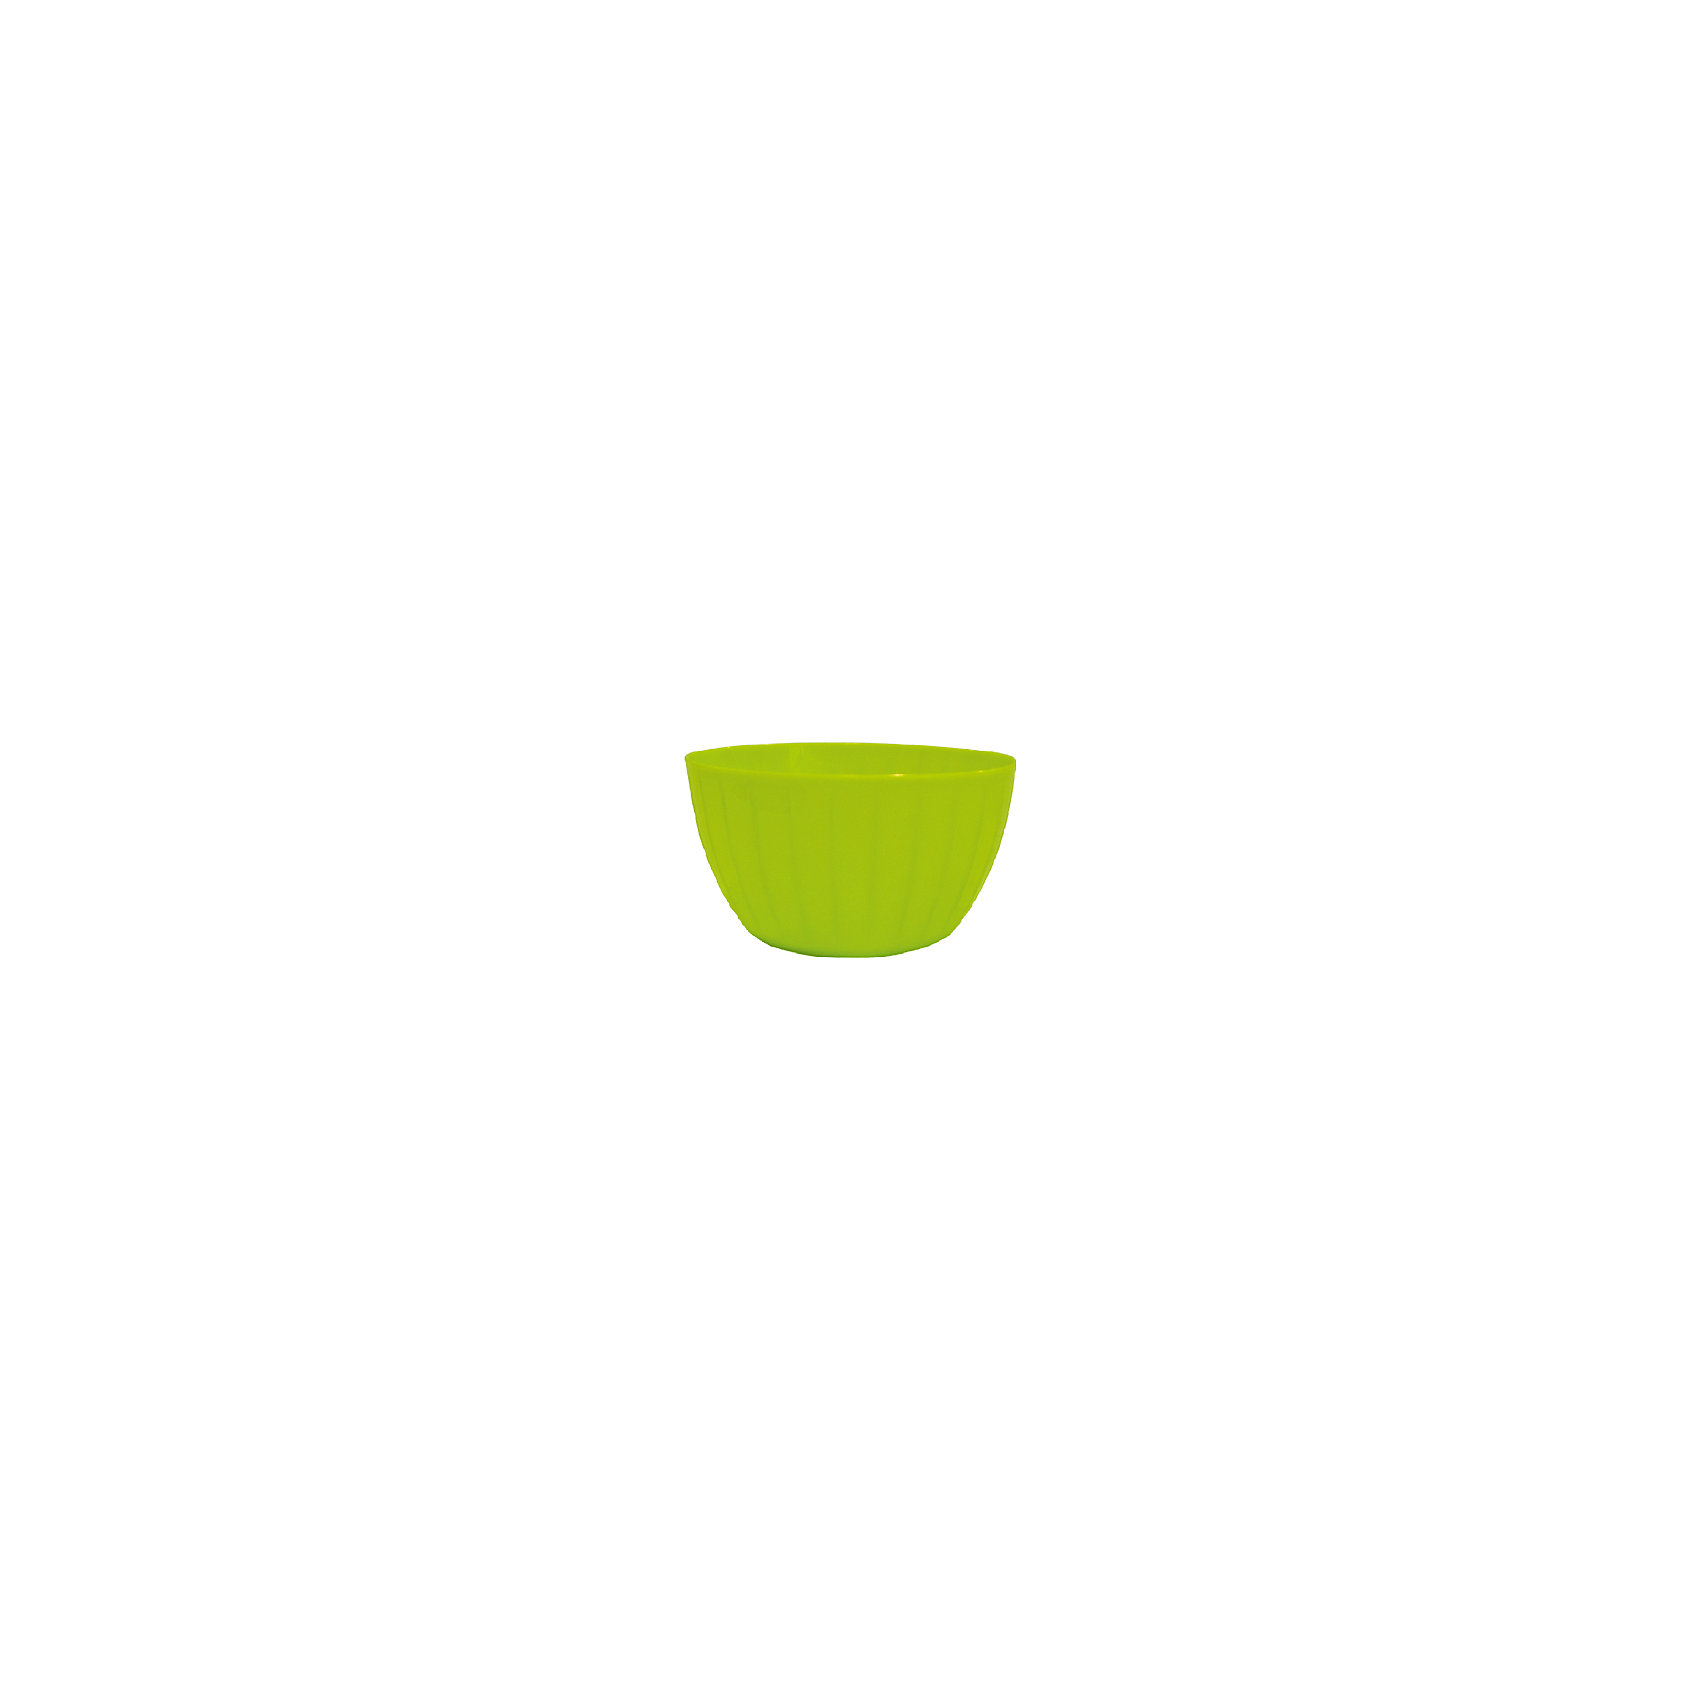 Салатник Fiesta 1,7 л, GiarettiДетская посуда<br>Салатник Fiesta 1,7 л, Giaretti<br><br>Характеристики:<br><br>• Цвет: зеленый<br>• Материал: пластик<br>• В комплекте: 1 штука<br>• Объем: 1,7 литра<br><br>Благодаря яркому интересному дизайну этот салатник придаст творческой атмосферы вашей кухне и процессу готовки. Его можно использовать как для приготовления блюд, так и для их подачи на стол. Салатник имеет литраж 1,7 л, а так же изготовлен из высококачественного пластика.<br><br>Салатник Fiesta 1,7 л, Giaretti можно купить в нашем интернет-магазине.<br><br>Ширина мм: 180<br>Глубина мм: 180<br>Высота мм: 95<br>Вес г: 116<br>Возраст от месяцев: 216<br>Возраст до месяцев: 1188<br>Пол: Унисекс<br>Возраст: Детский<br>SKU: 5545614